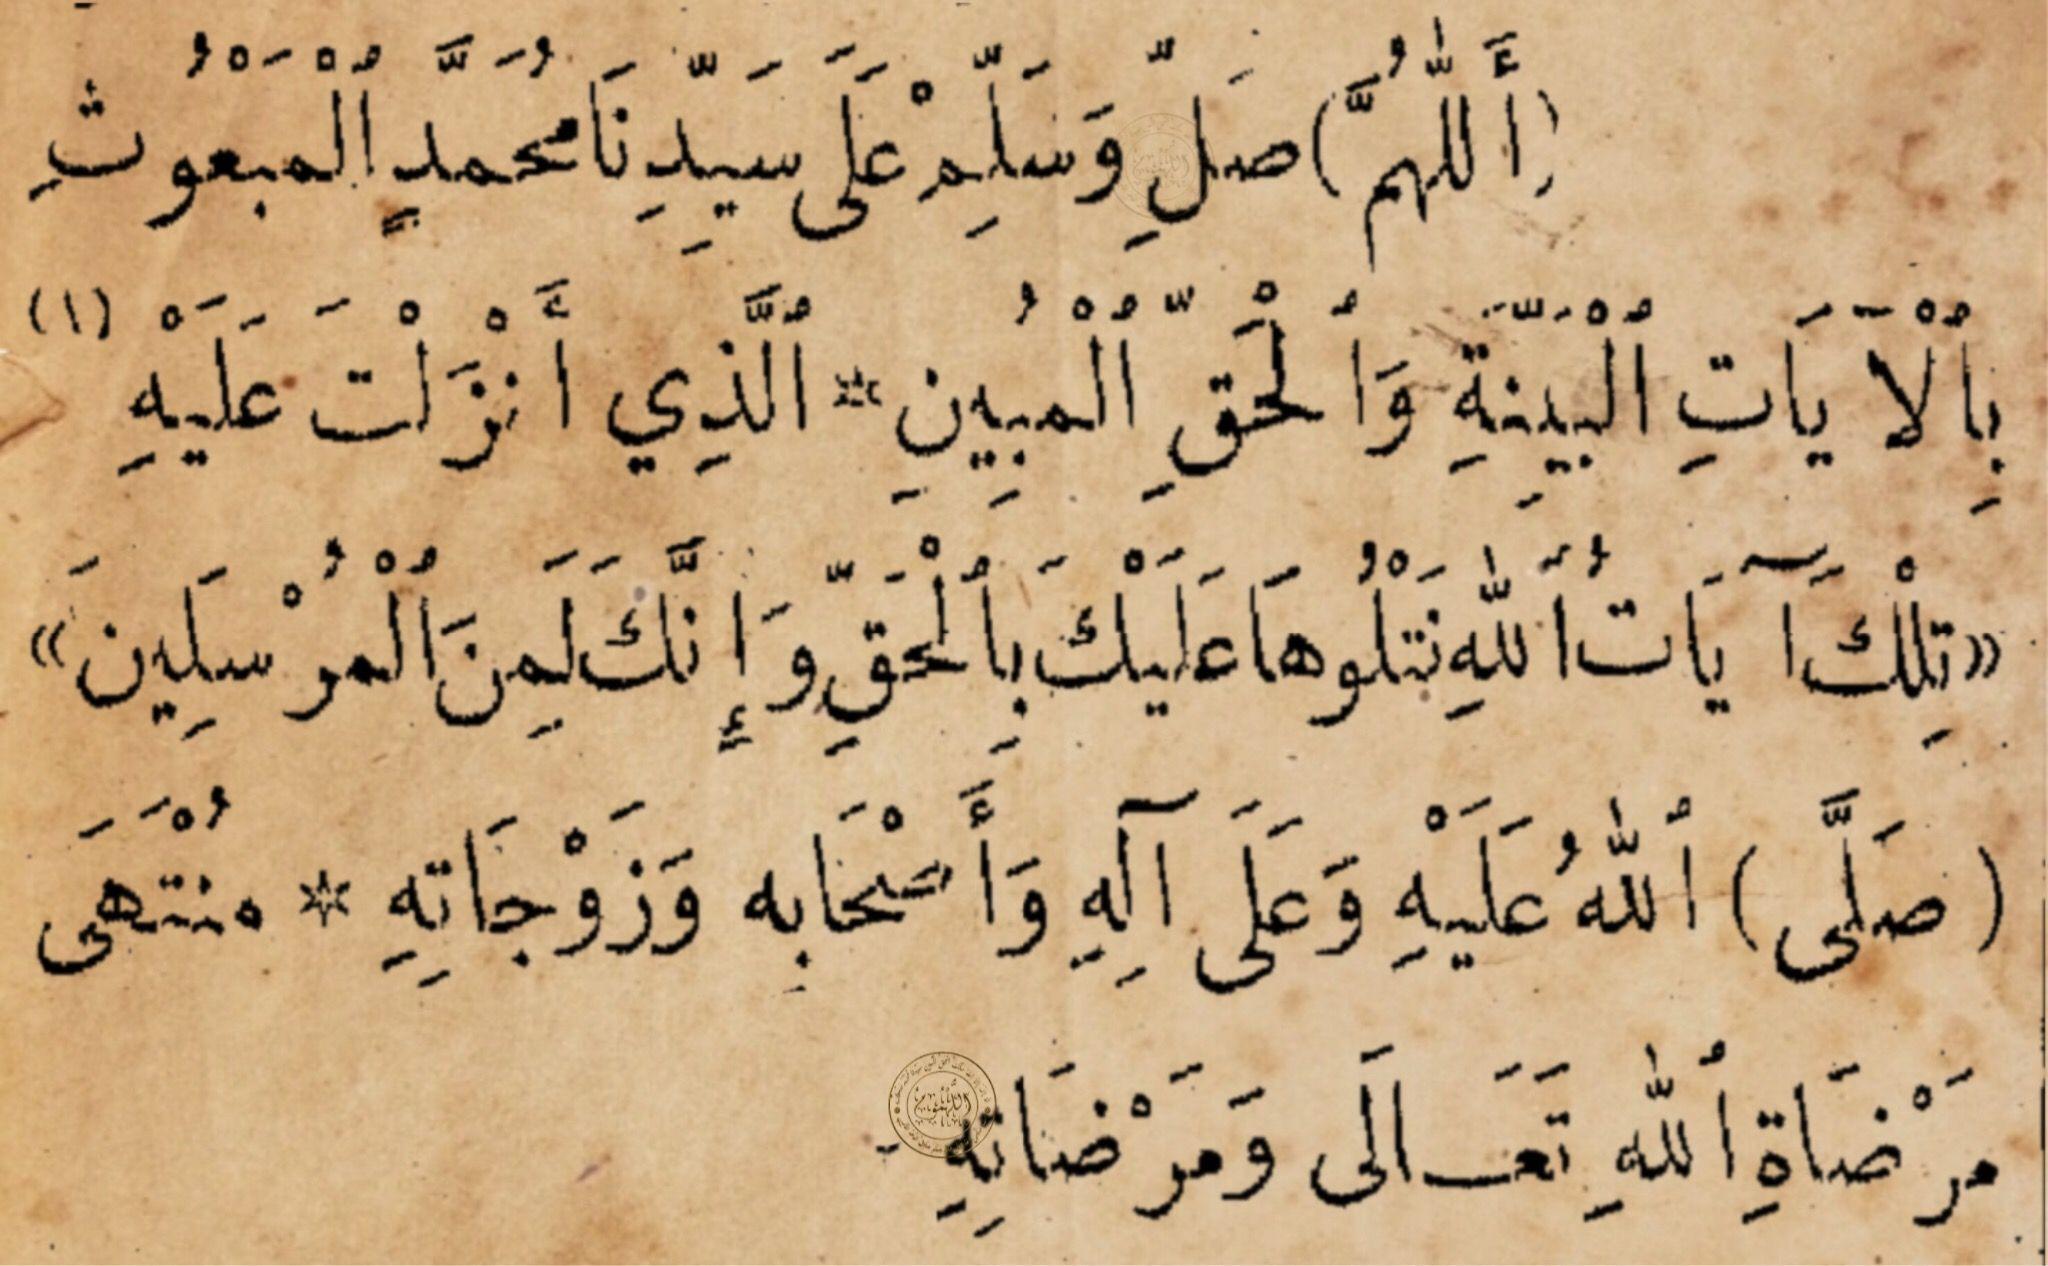 Pin By Mohammad Alarabi On حب سيدنا محمد صلى الله تعالى عليه وآله